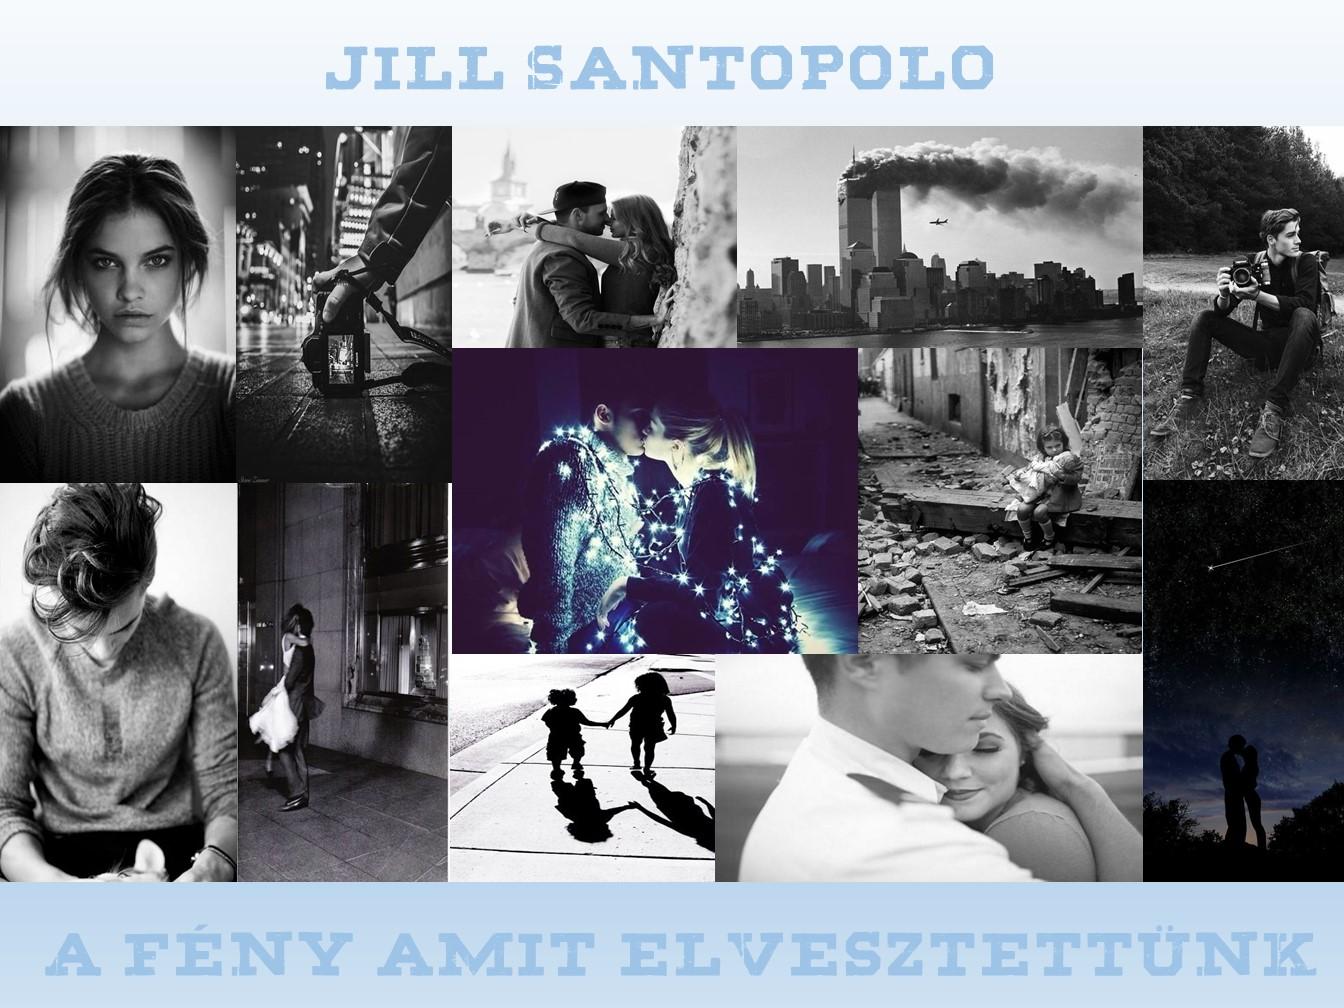 Értékelés - Jill Santopolo: A fény amit elvesztettünk